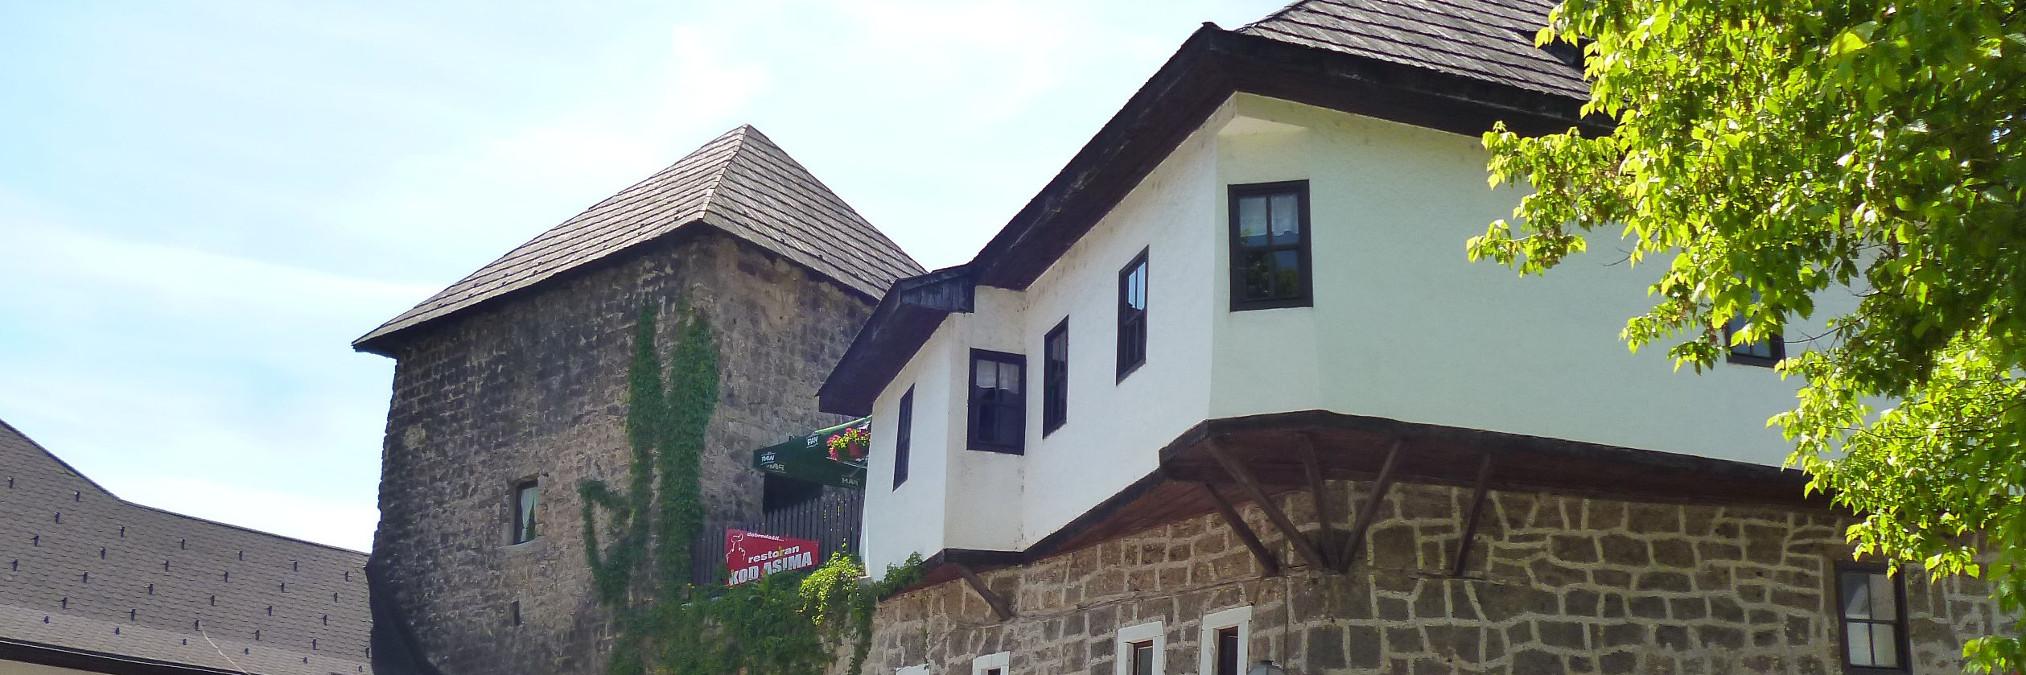 Дом Омербега